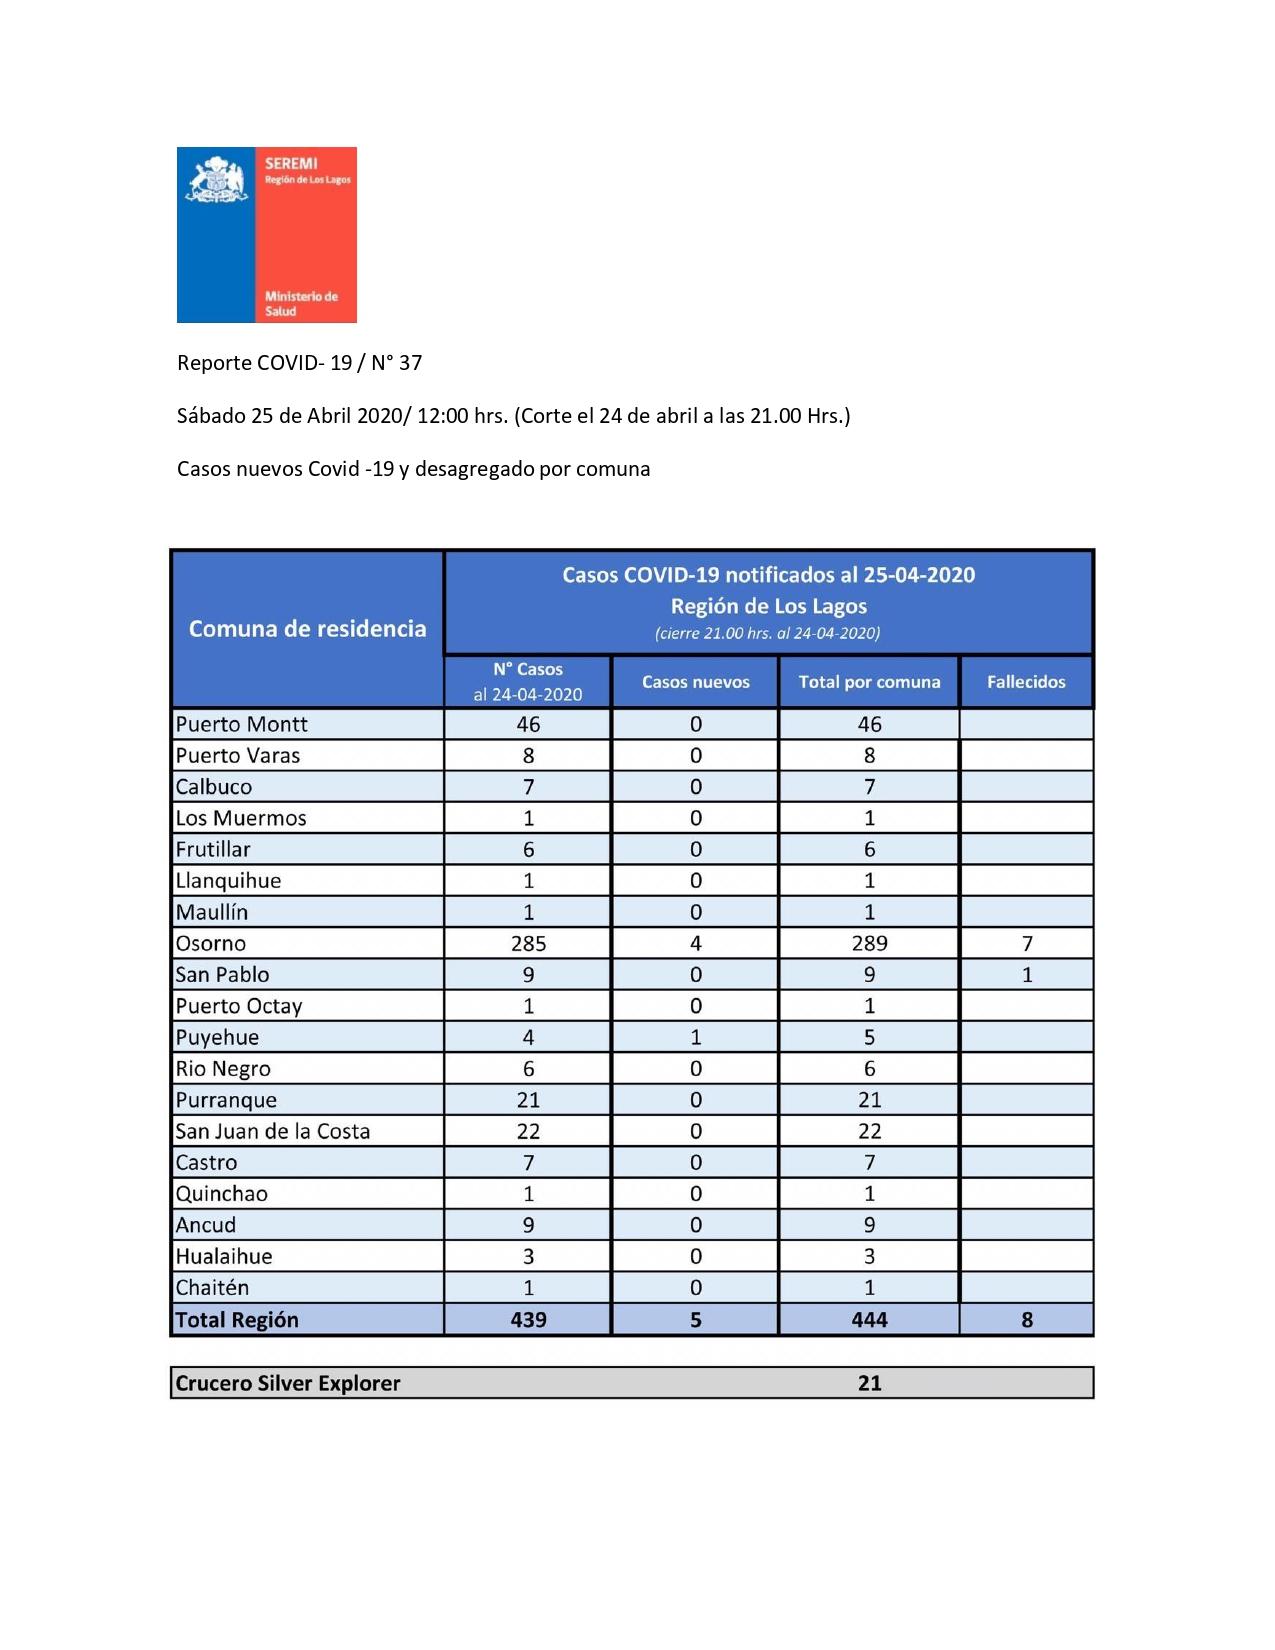 Calbuco 7 casos de covid-19 | Diario Digital El Calbucano